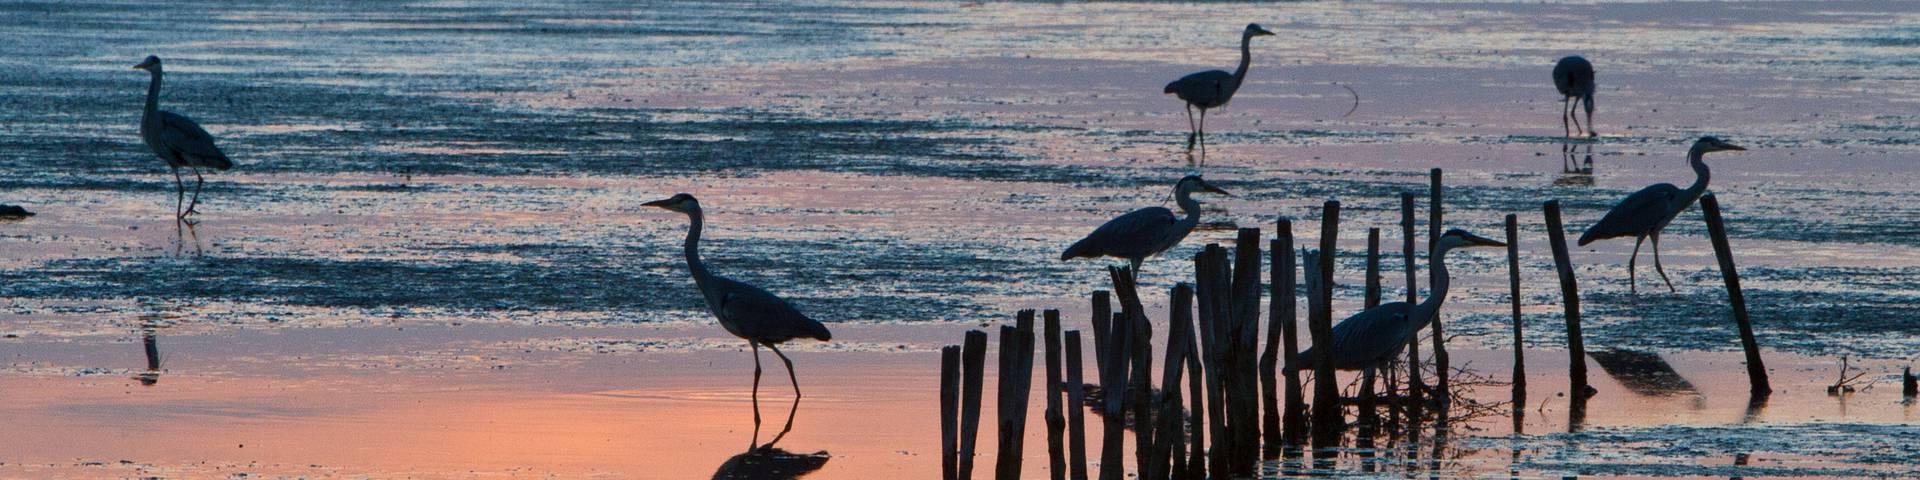 Birds on the beach by François Blanchard